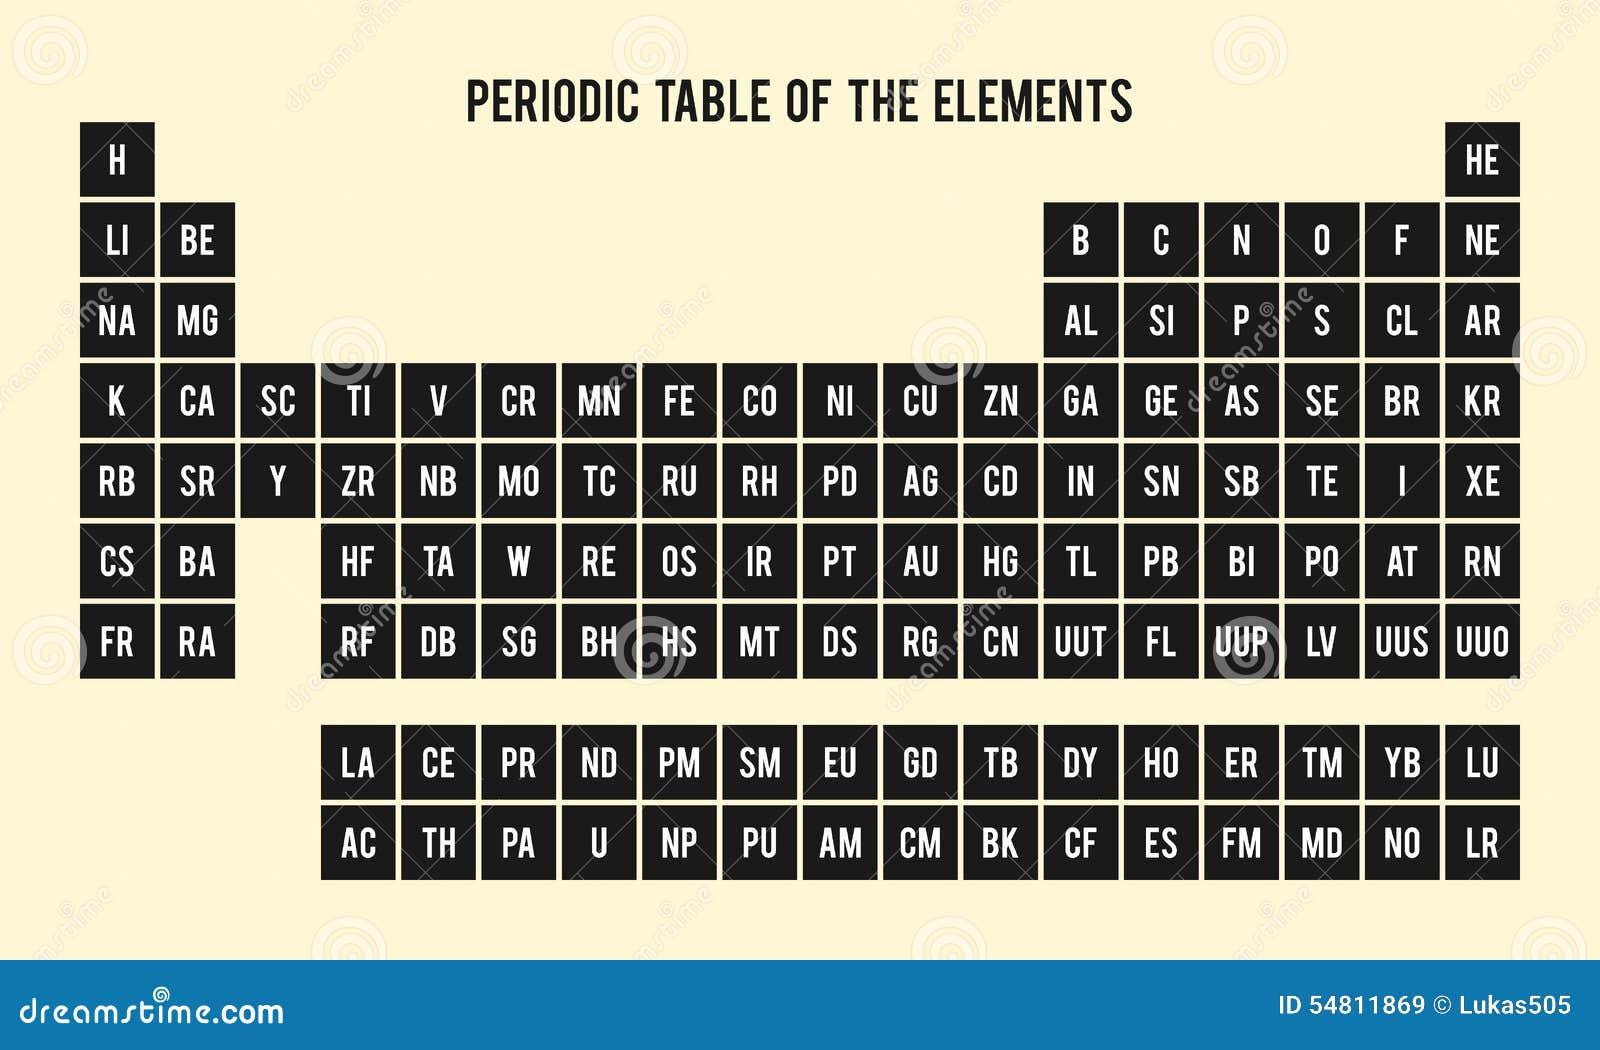 Tabla peridica de los elementos smbolos qumicos ilustracin del tabla peridica de los elementos smbolos qumicos urtaz Image collections